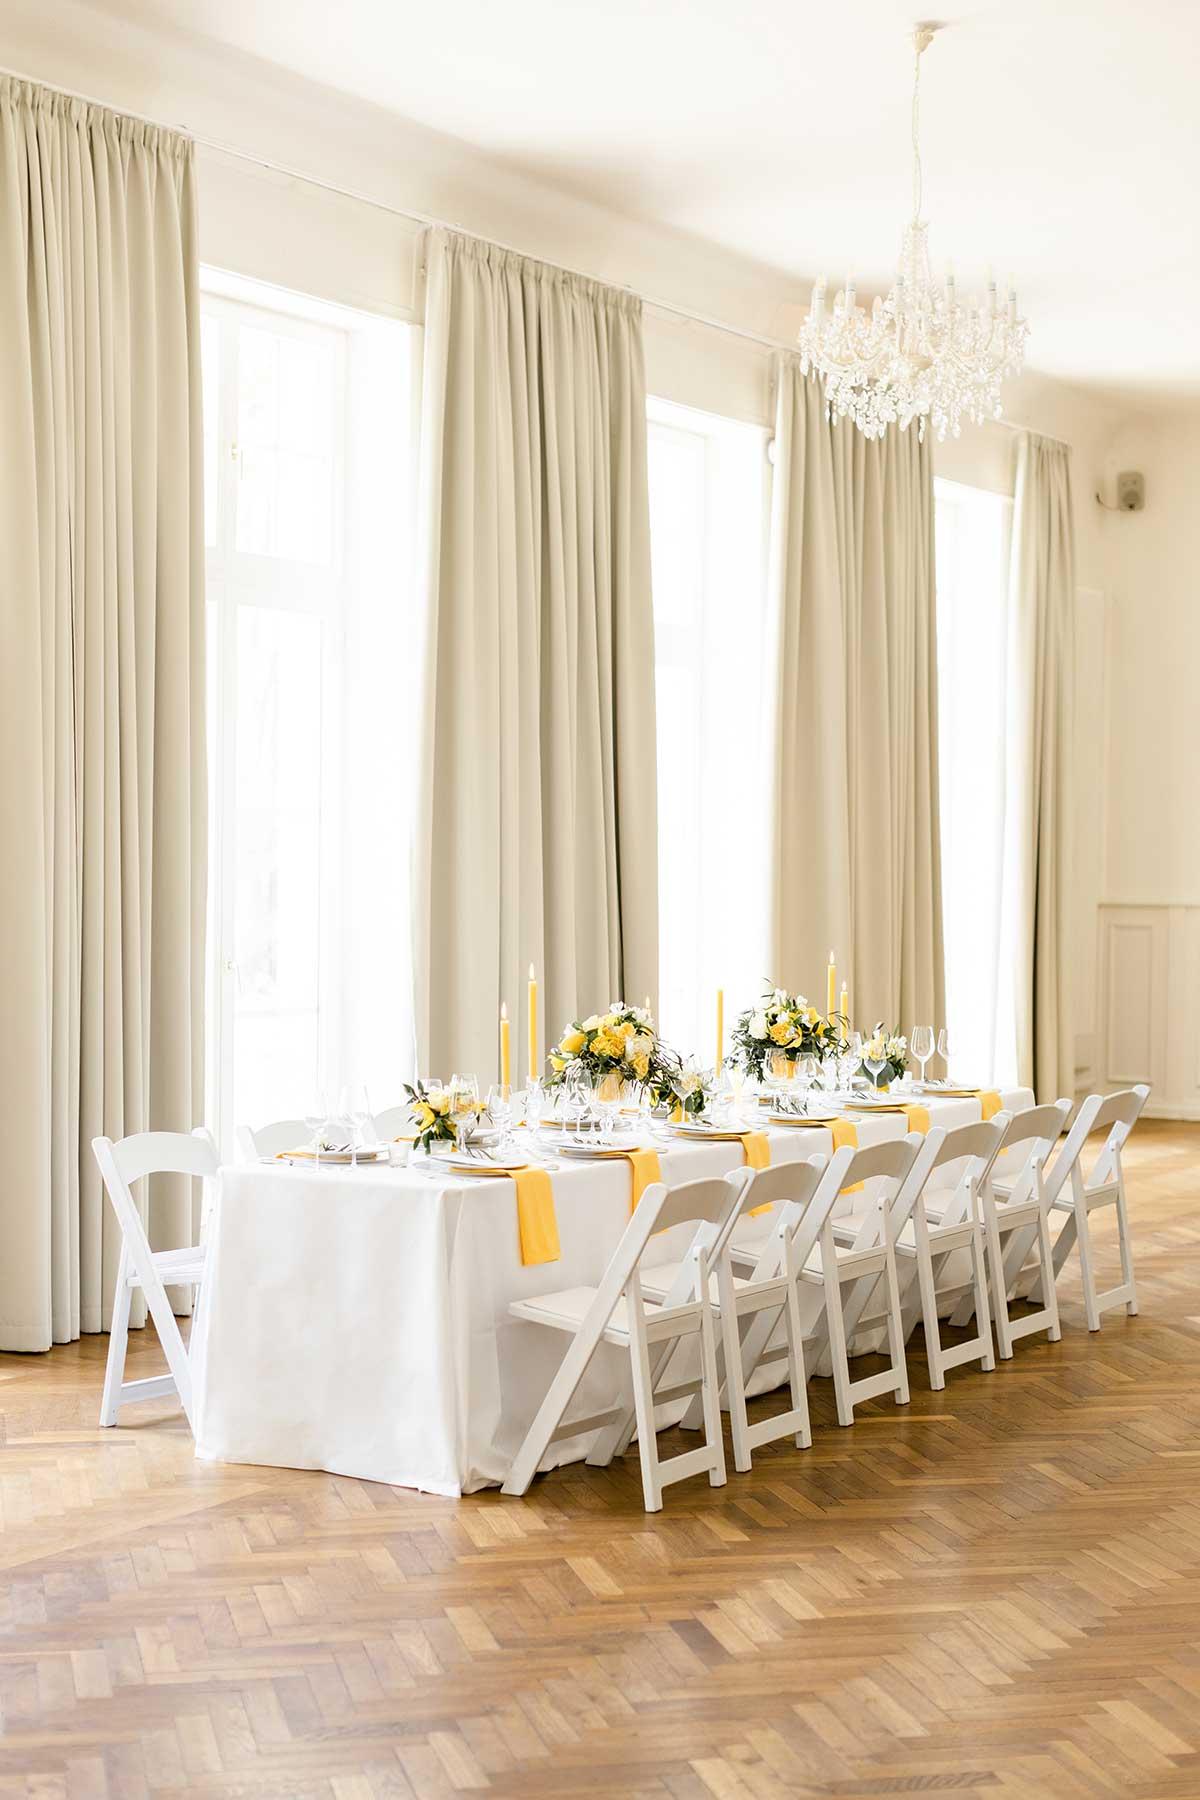 Tischdeko bei der Hochzeit in Gelb und Weiß